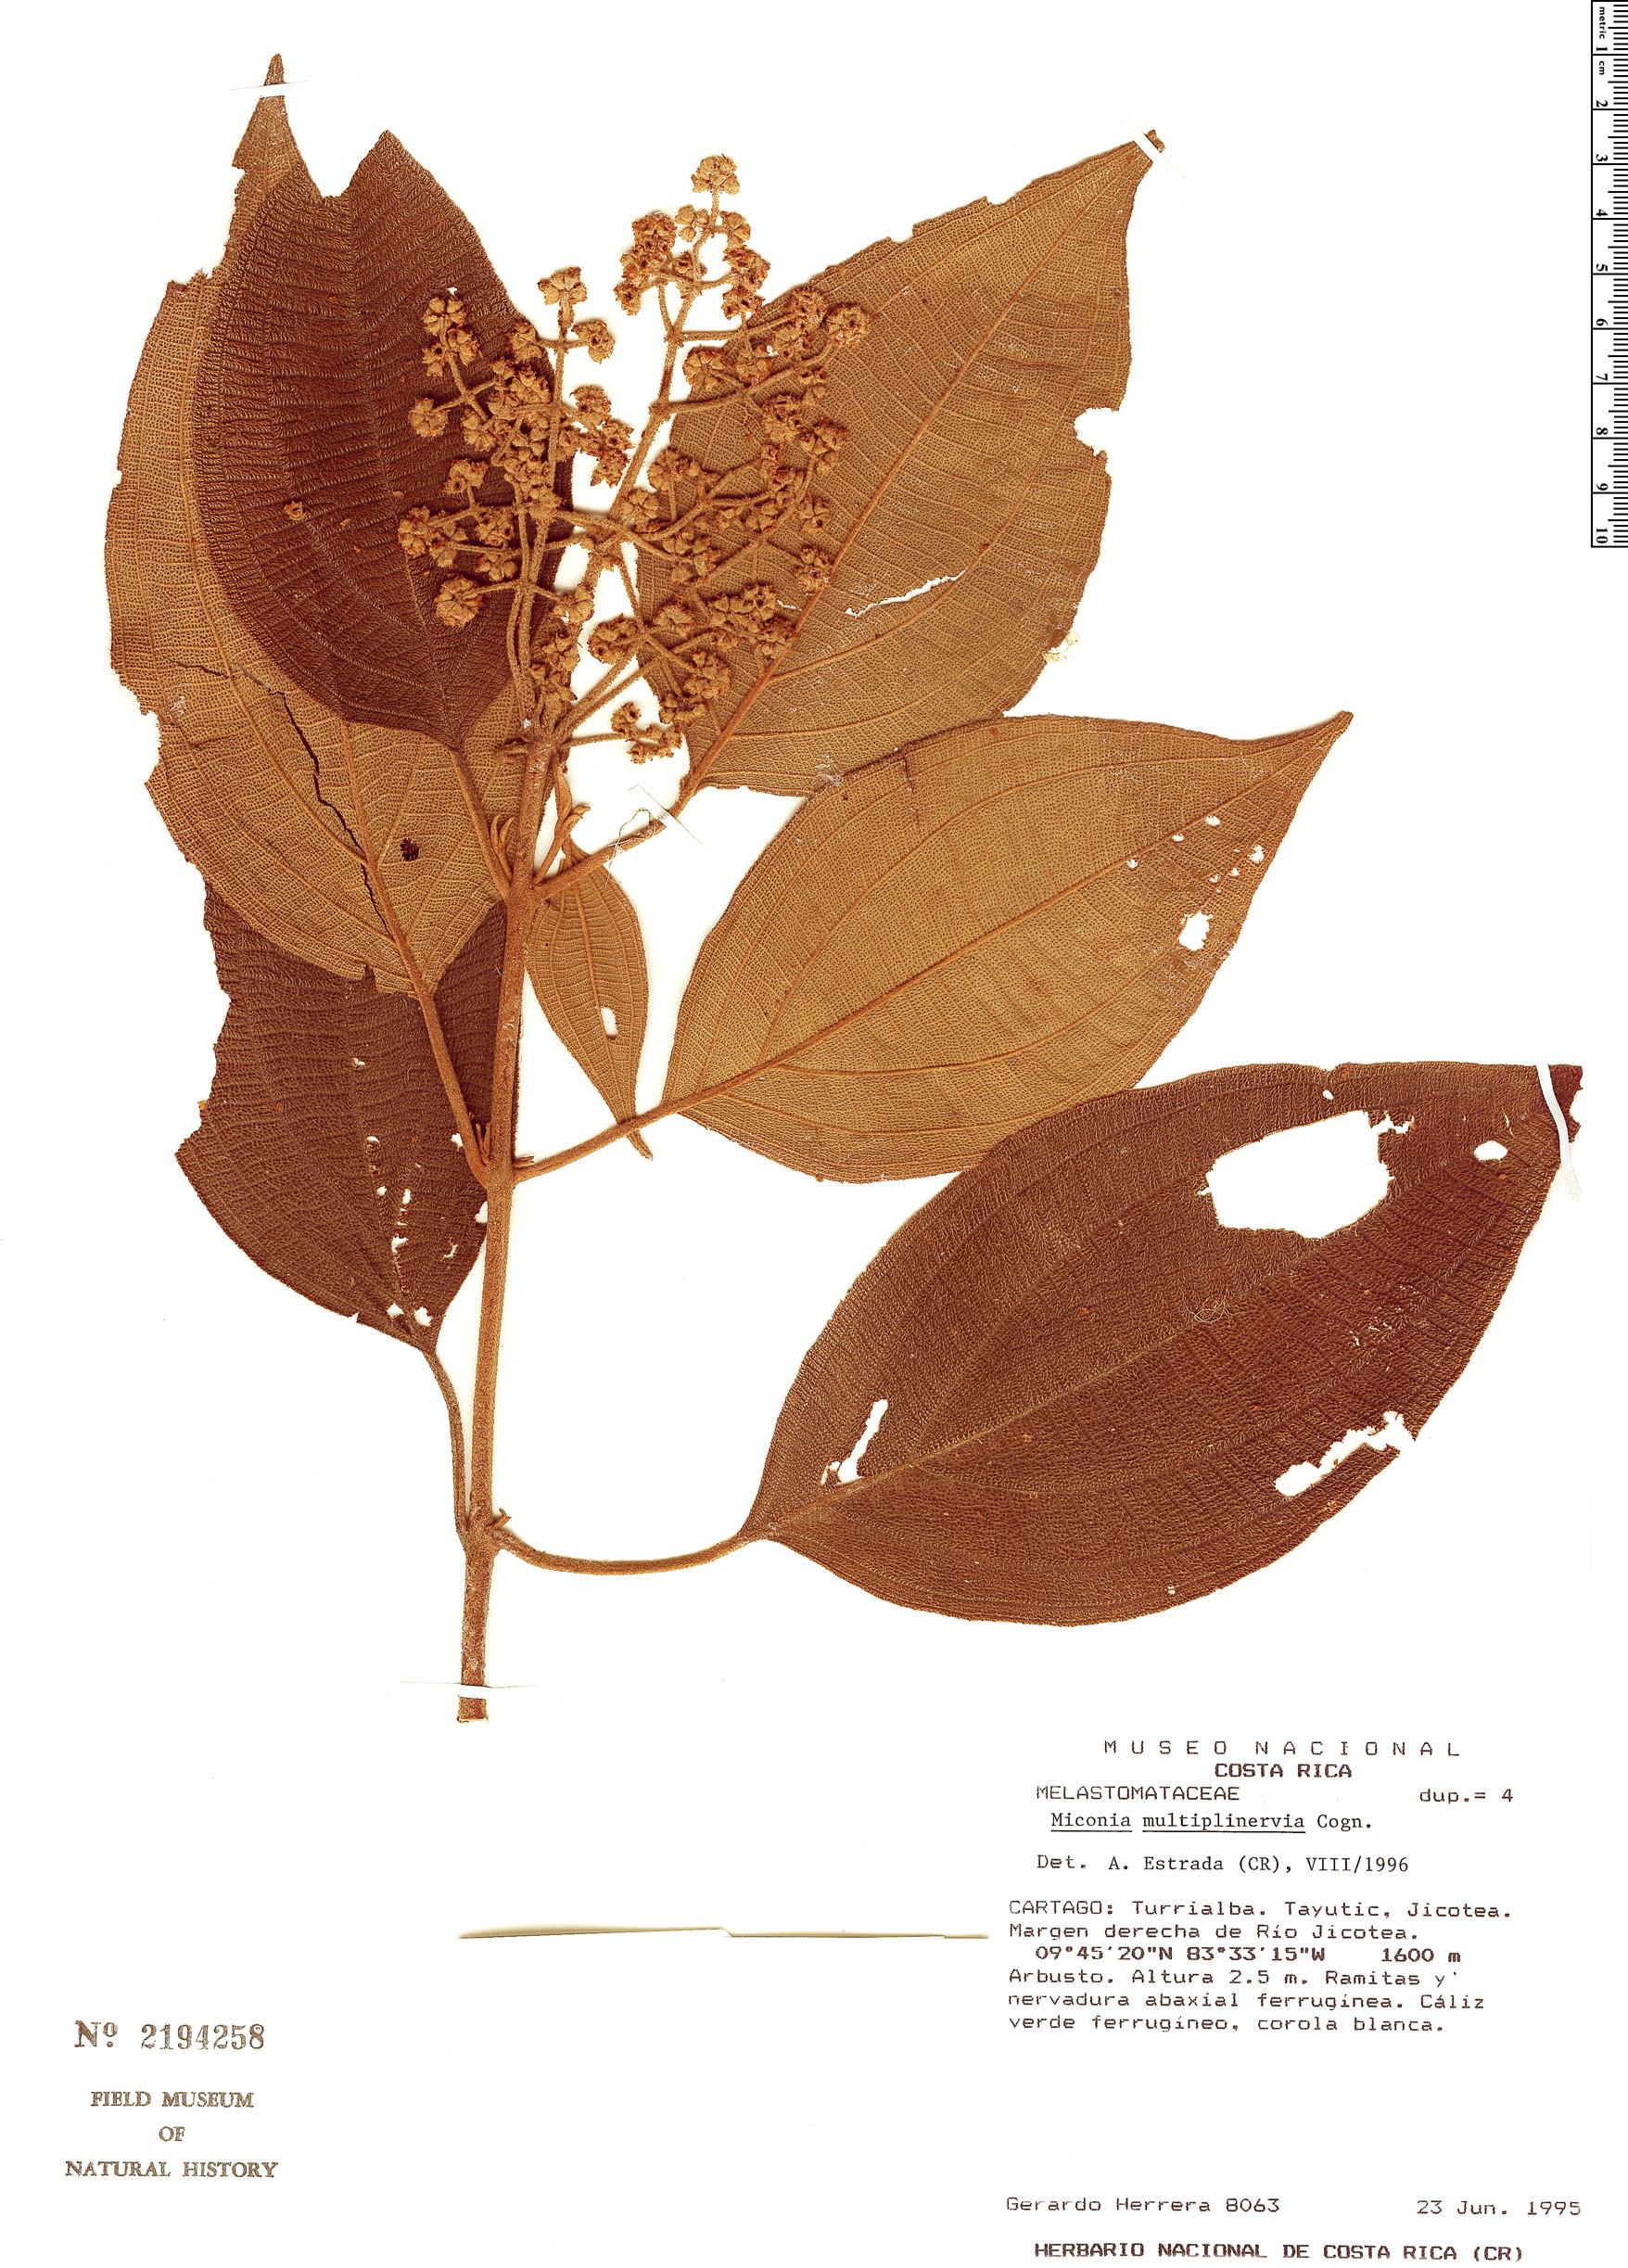 Espécimen: Miconia multiplinervia